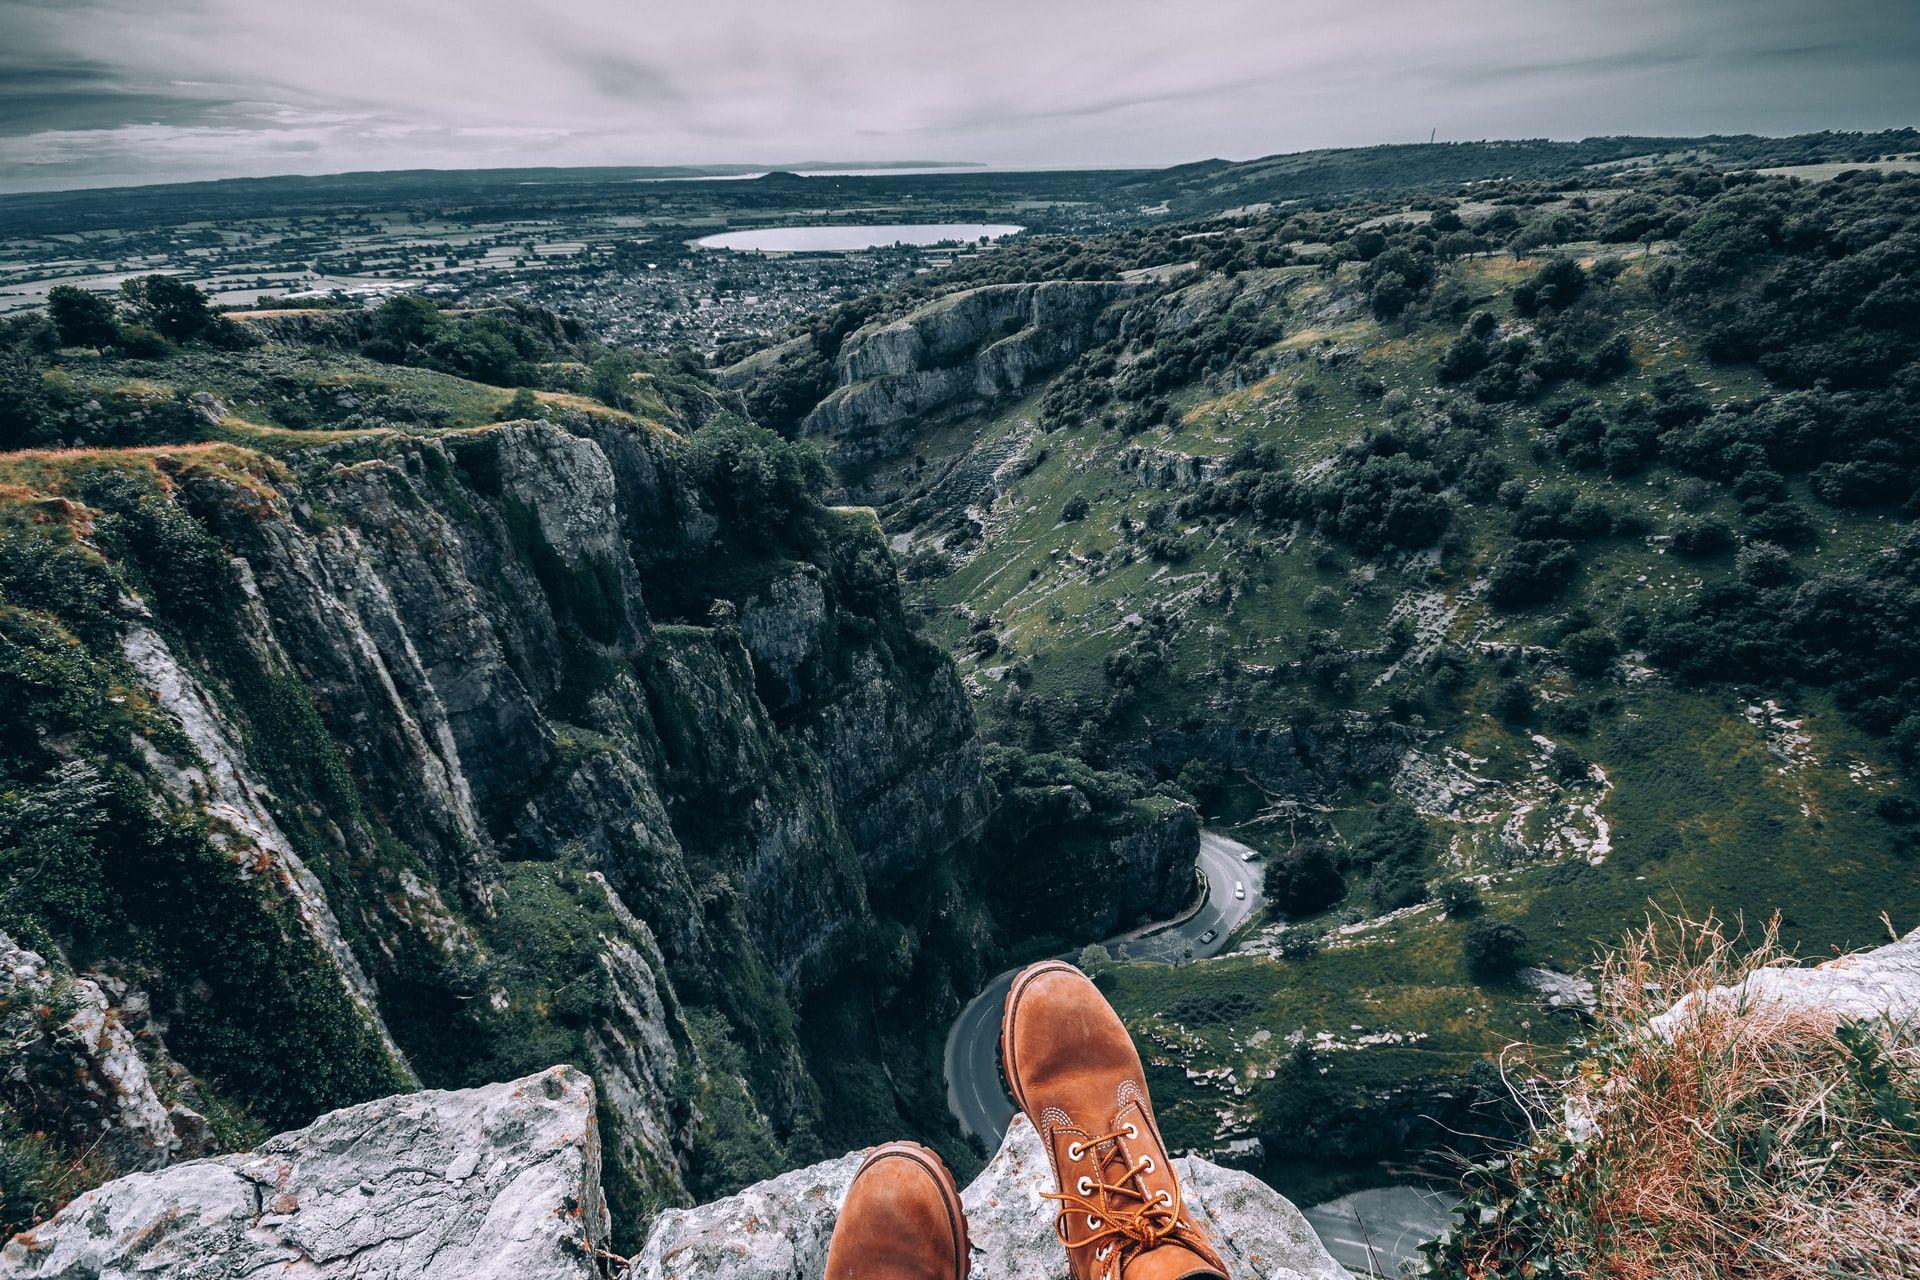 Feet dangling off the cliffs